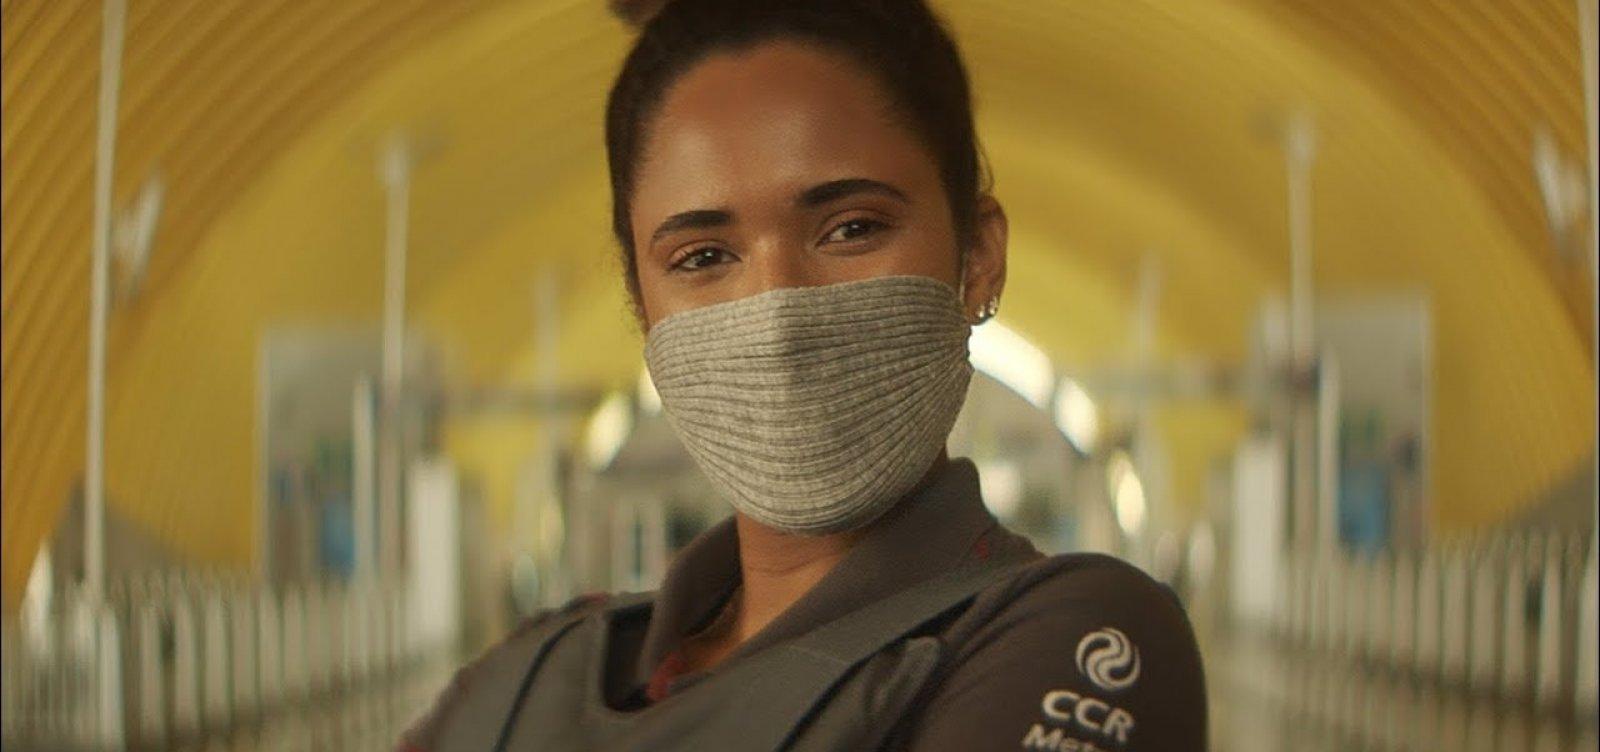 CCR usa máscara condenada pela comunidade científica em propaganda